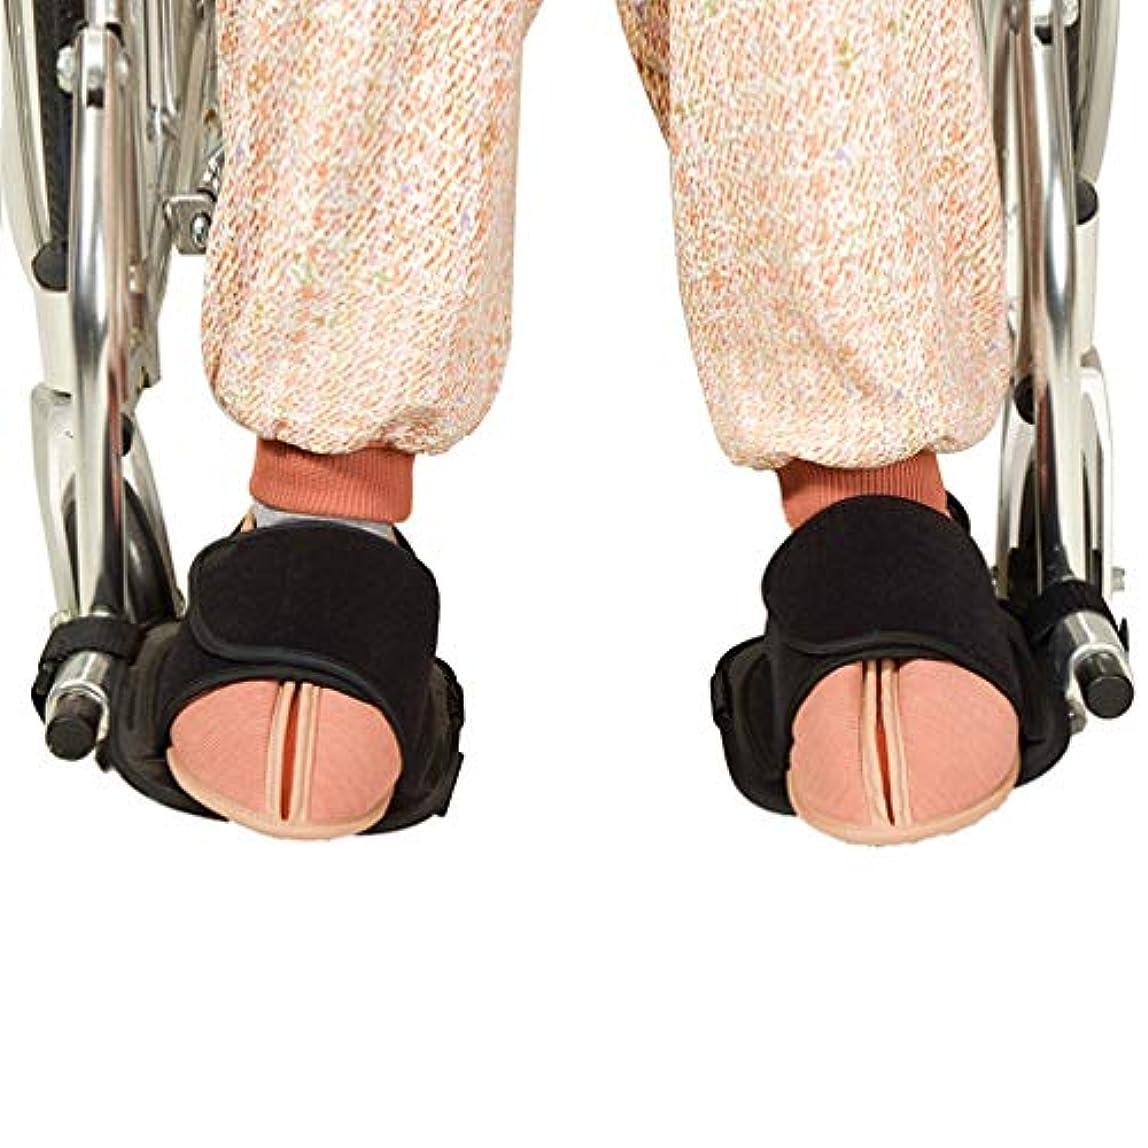 フィード素晴らしき医薬車いす安全拘束靴 - メディカルフット滑り止めの試験官を - - 車椅子ペダルフット休符男性女性から滑り落ちるの足をキープ高齢患者ハンディキャップのために回復